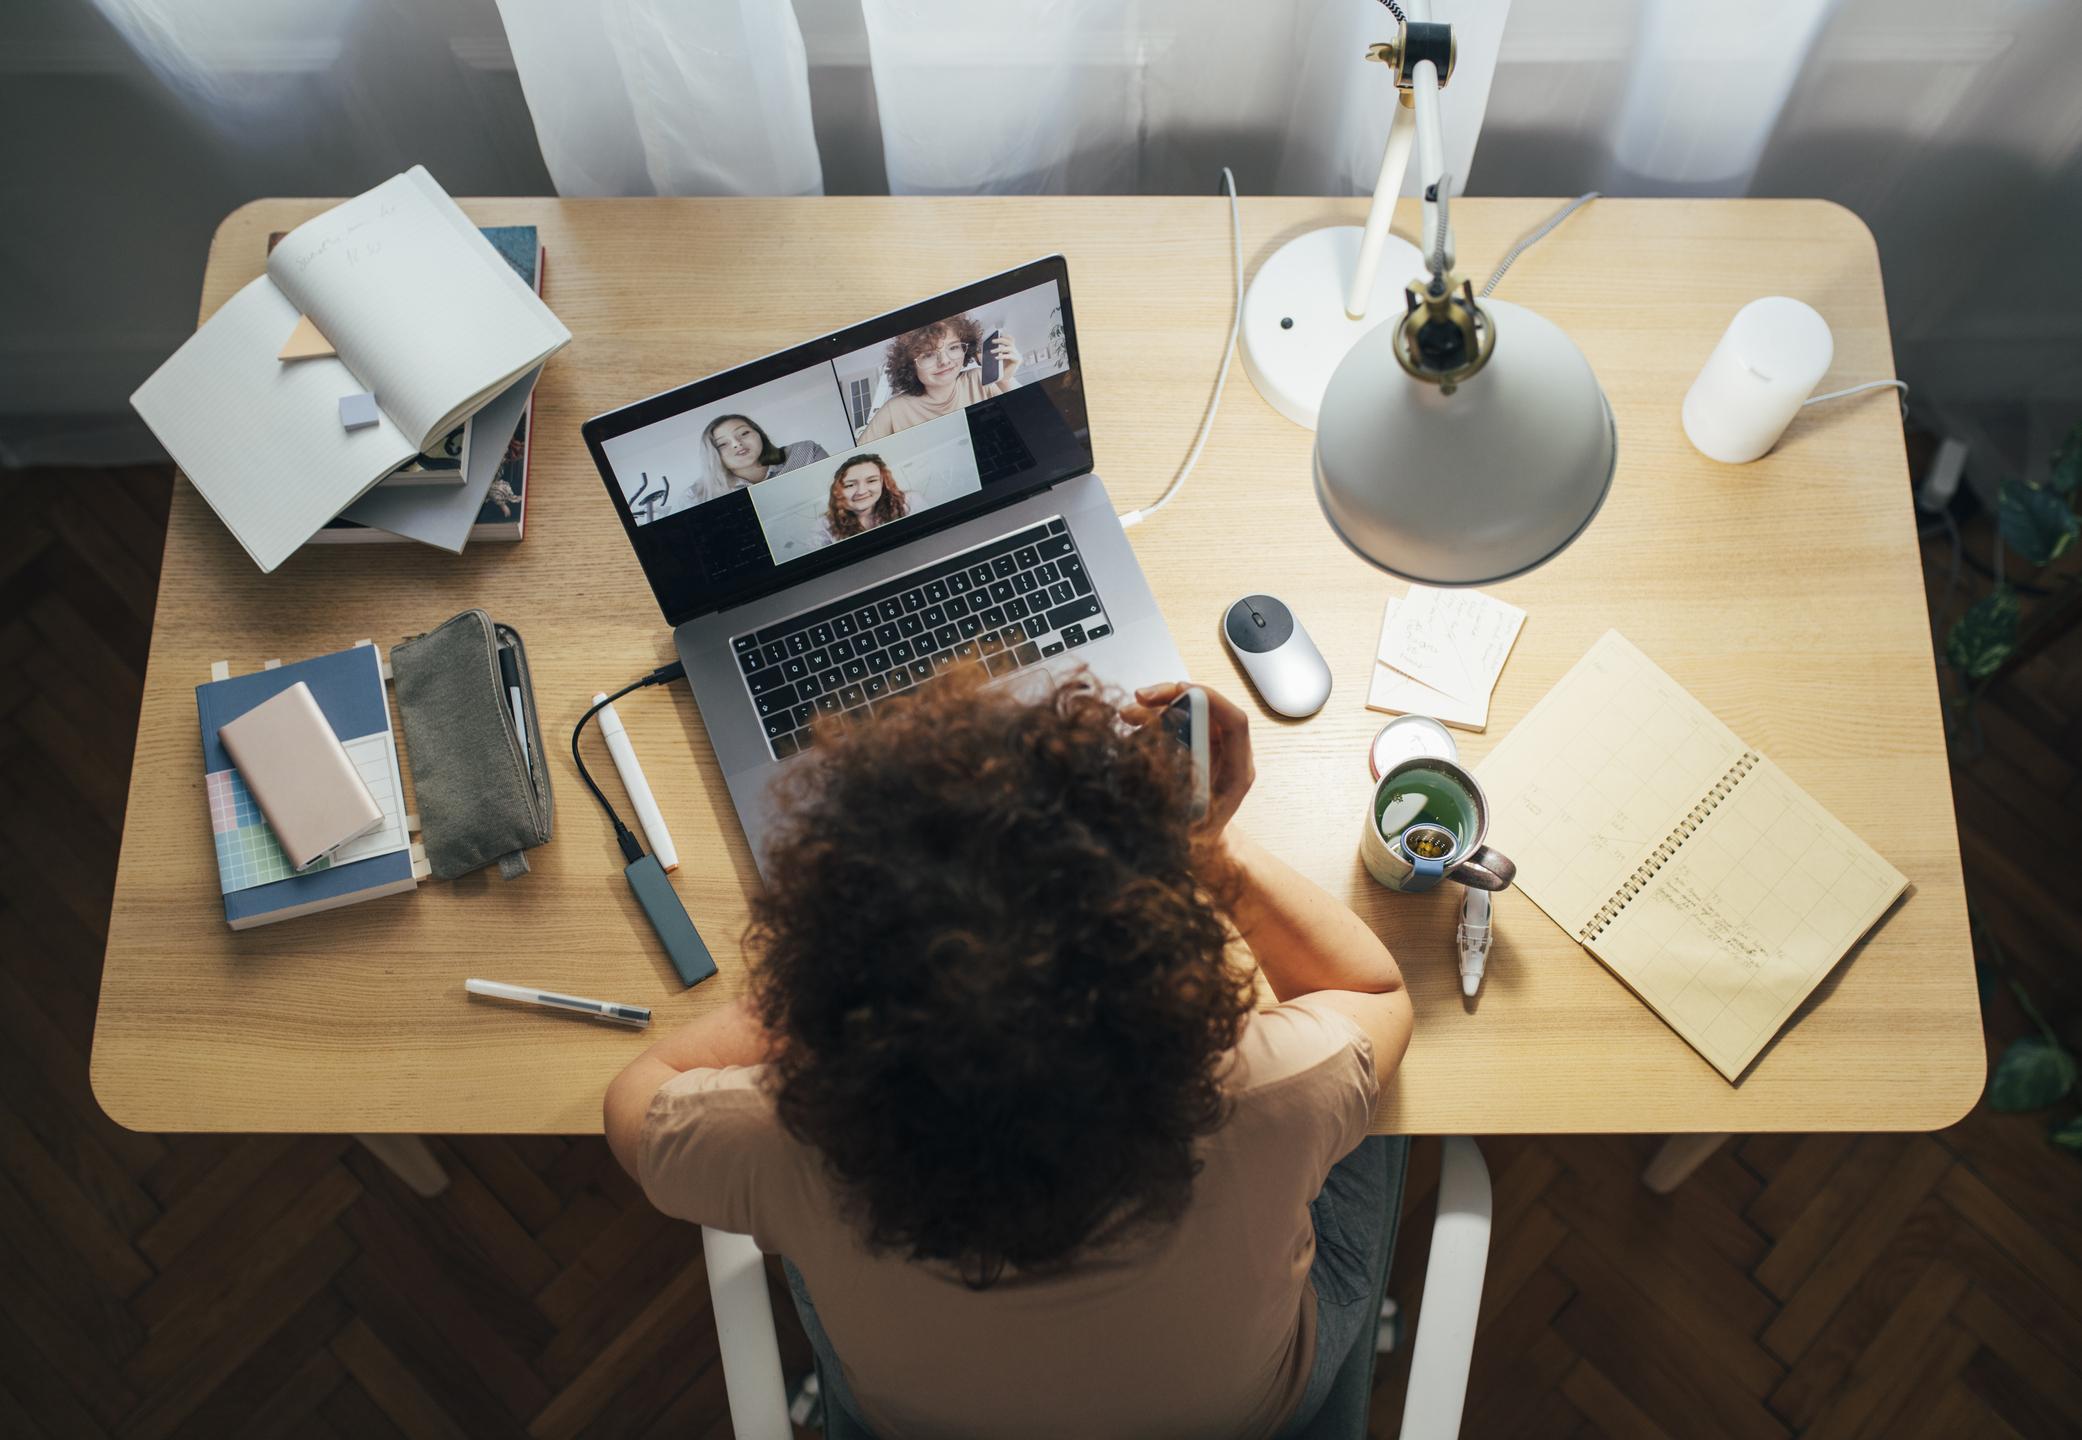 Le Télétravail invite à repenser l'expérience collaborateur au bureau